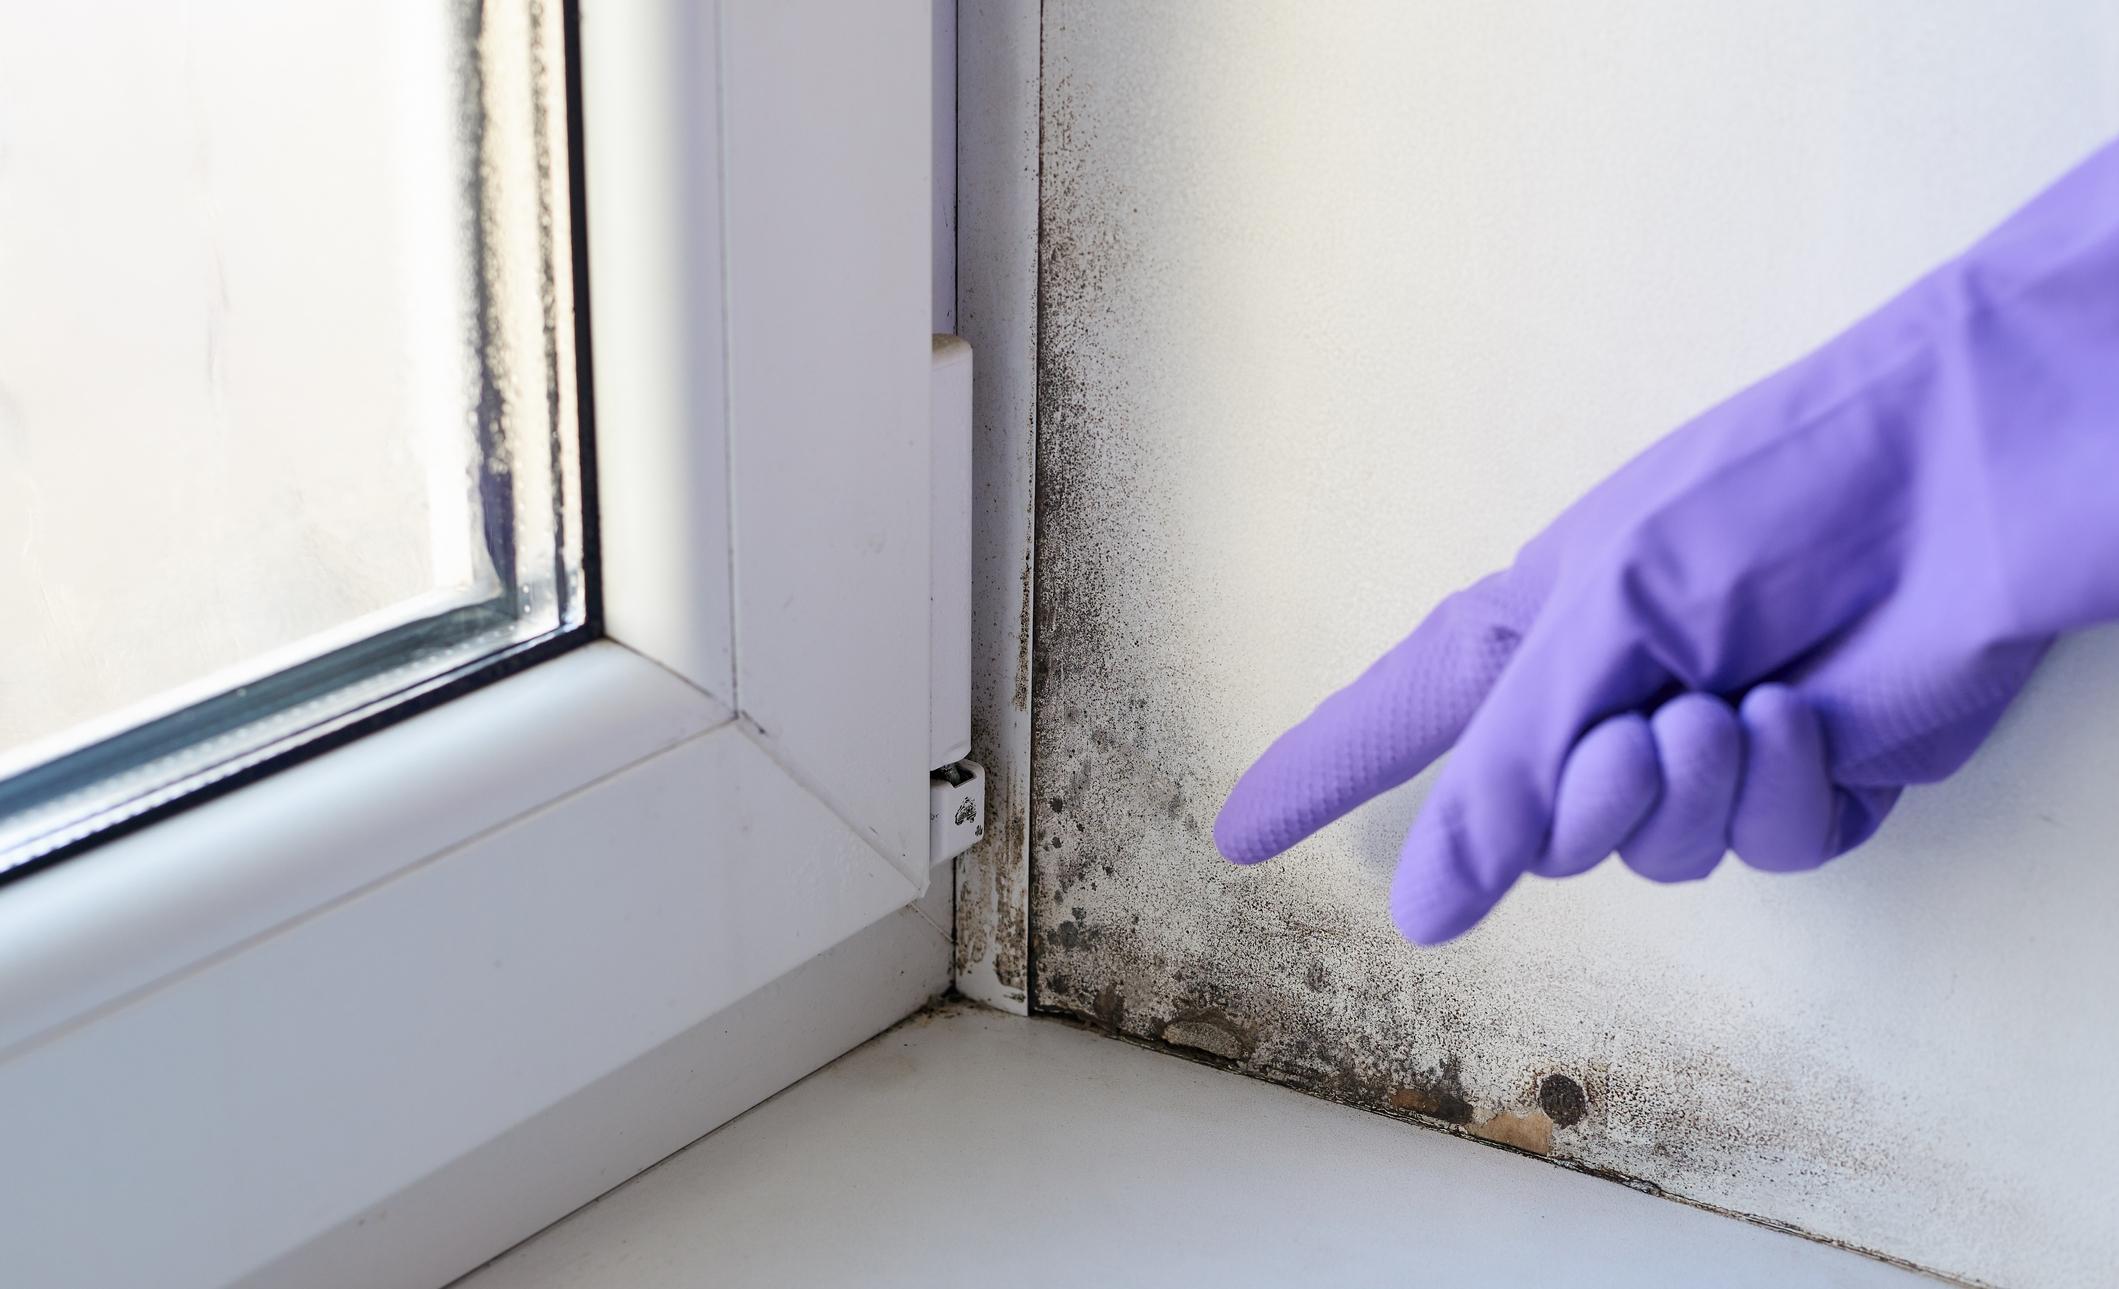 Cómo eliminar el moho y las humedades para siempre en casa   Life -  ComputerHoy.com